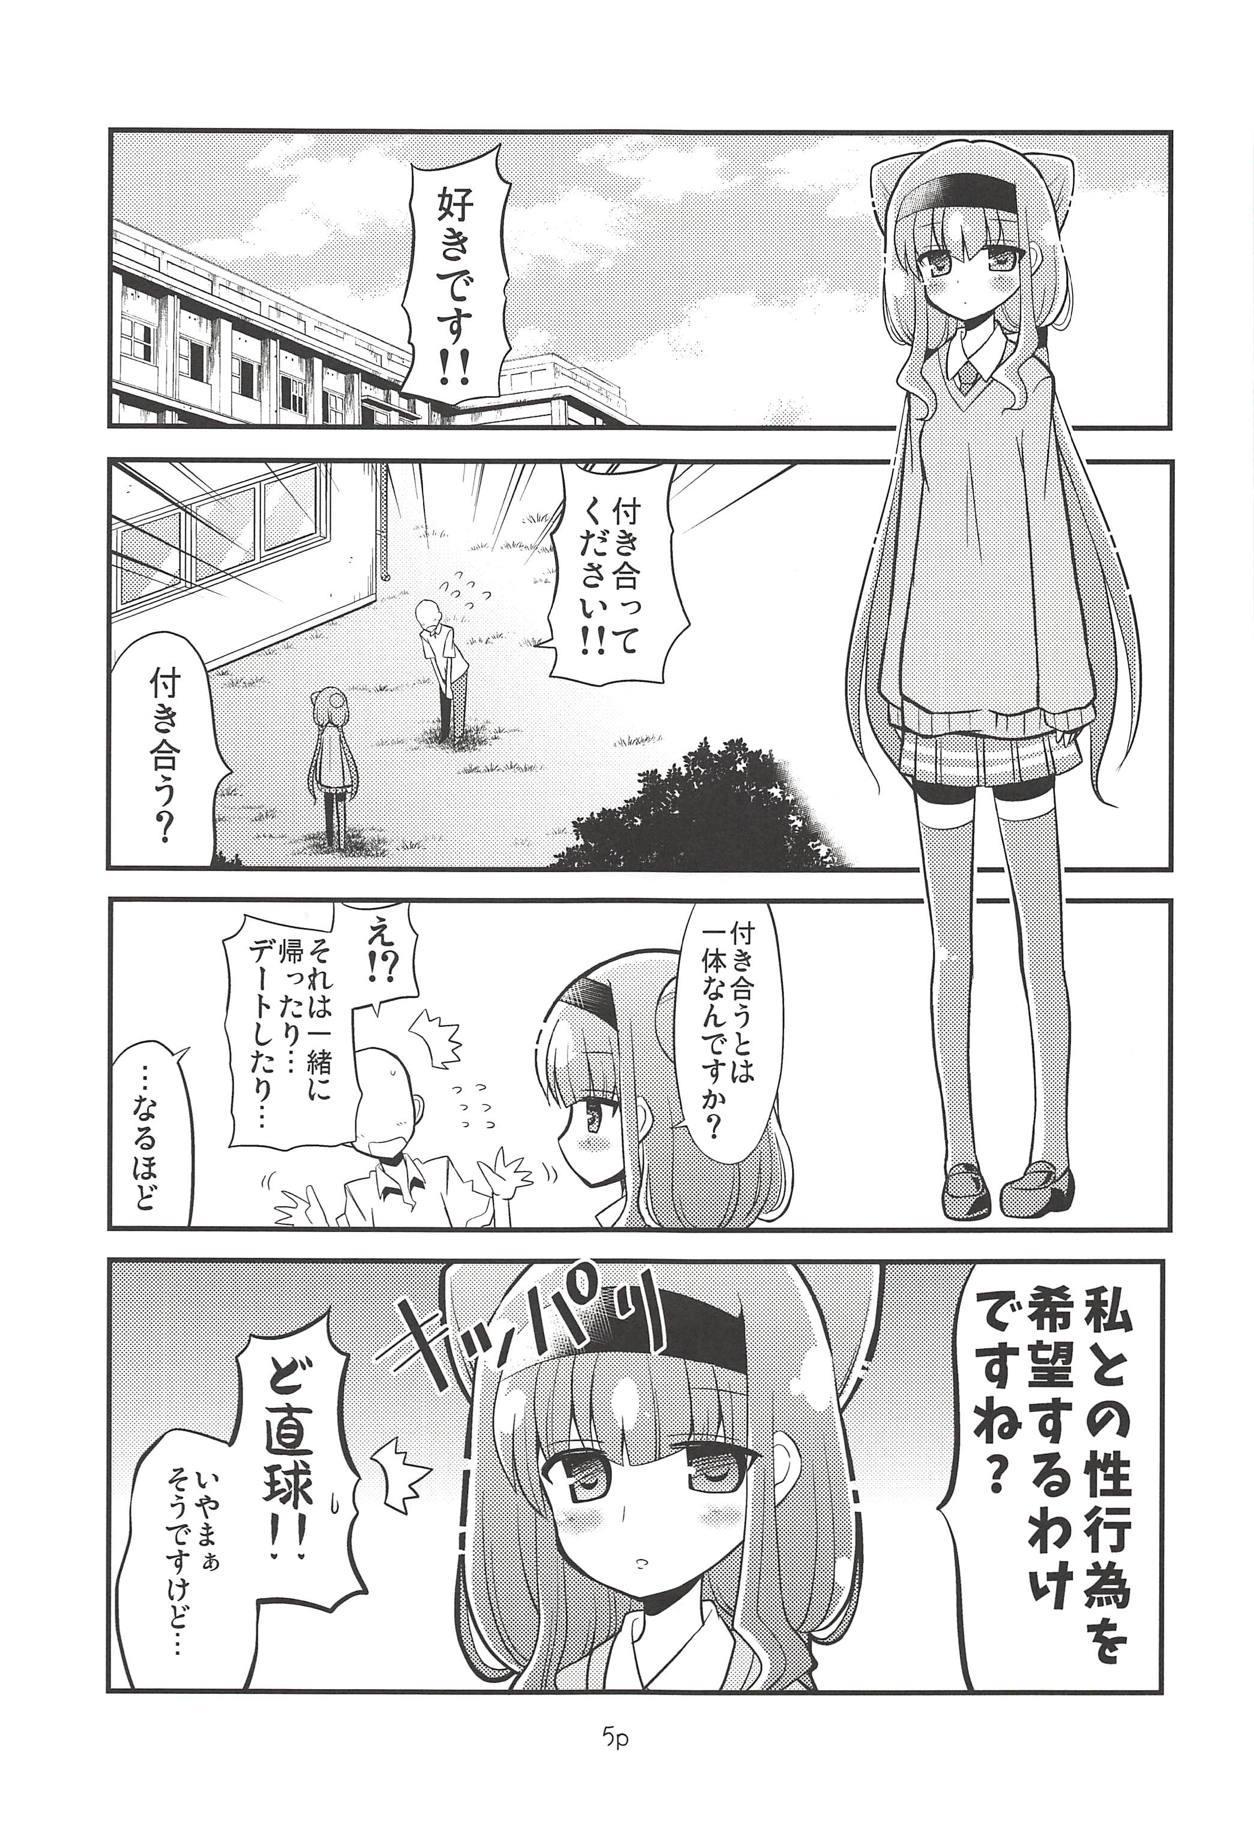 Ruru o Tsukatte Mita 3